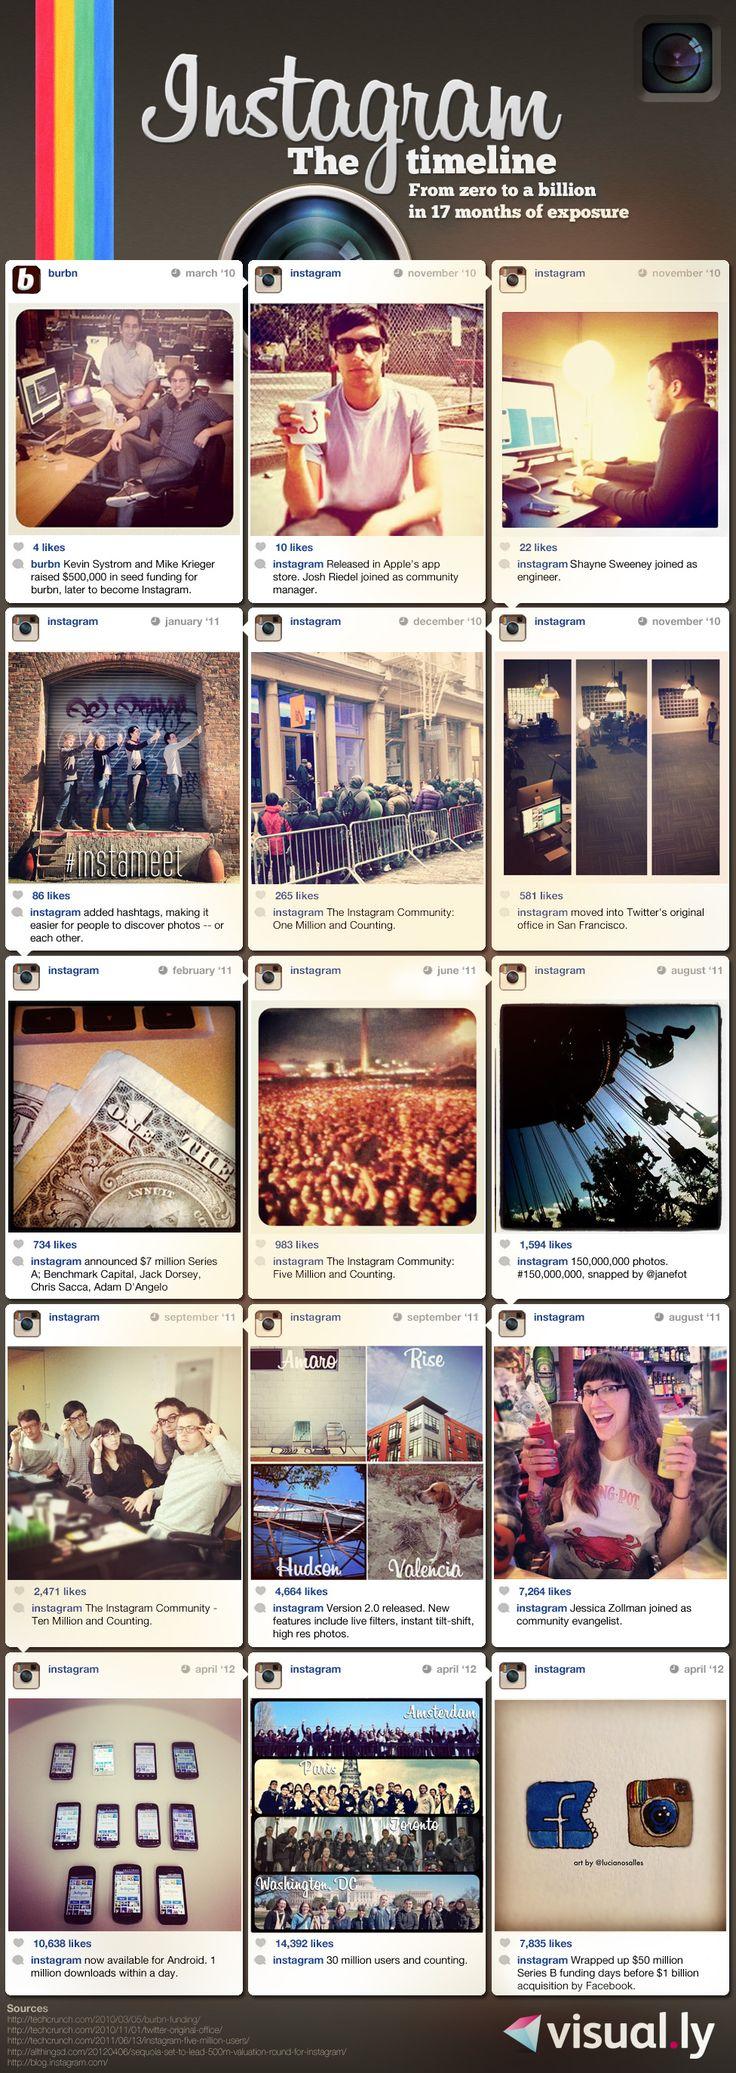 Instagram: From Zero to $1 Billion in 17 Months